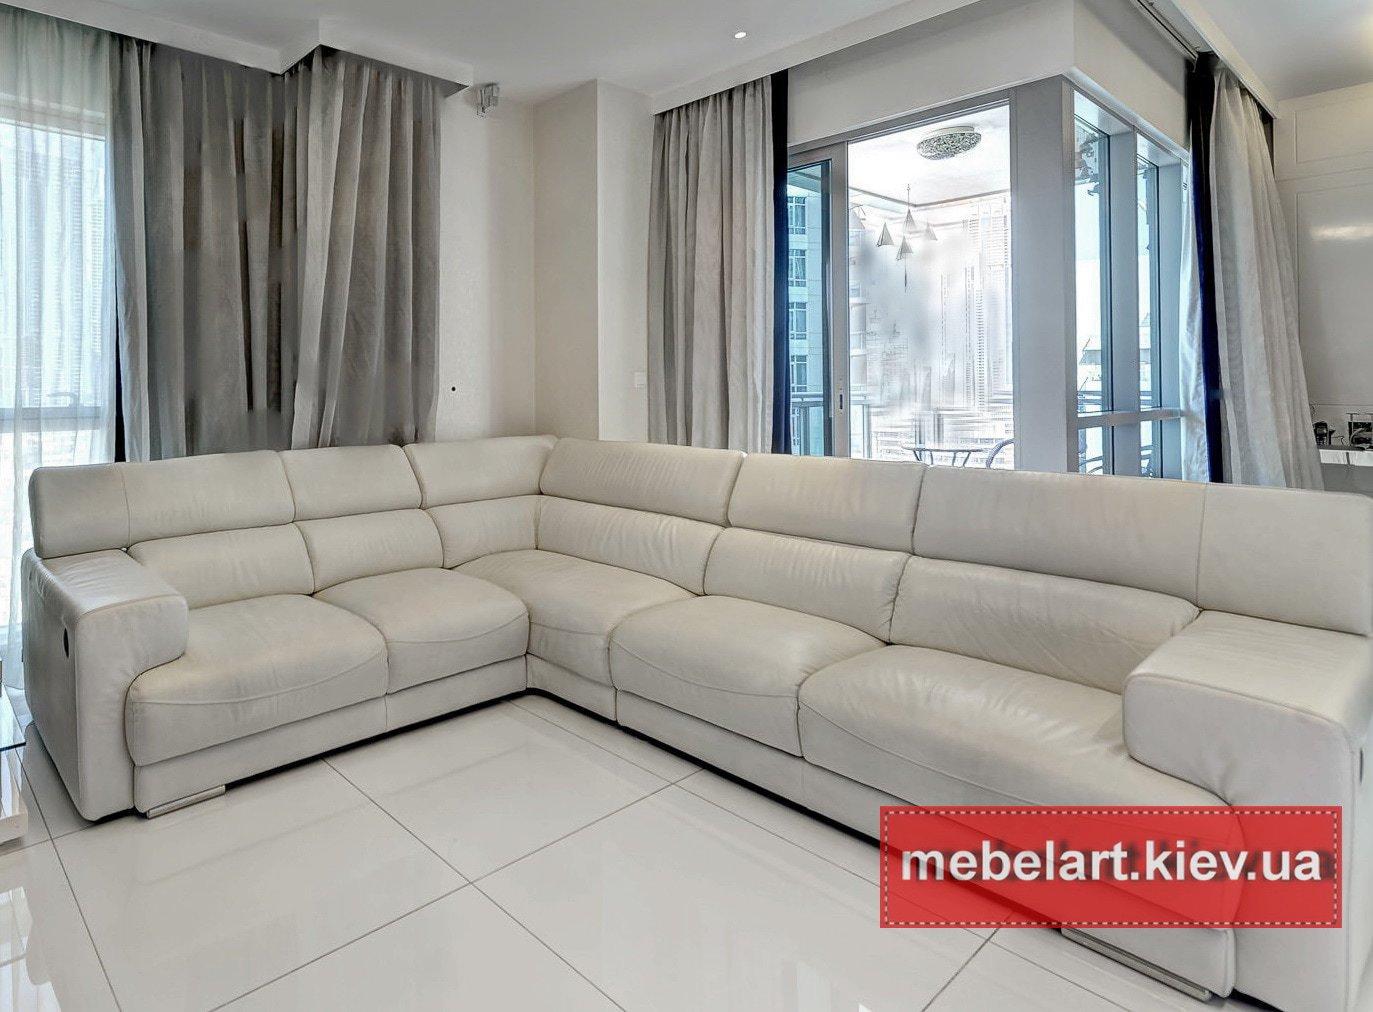 шикарный угловой диван белого цвета под заказ